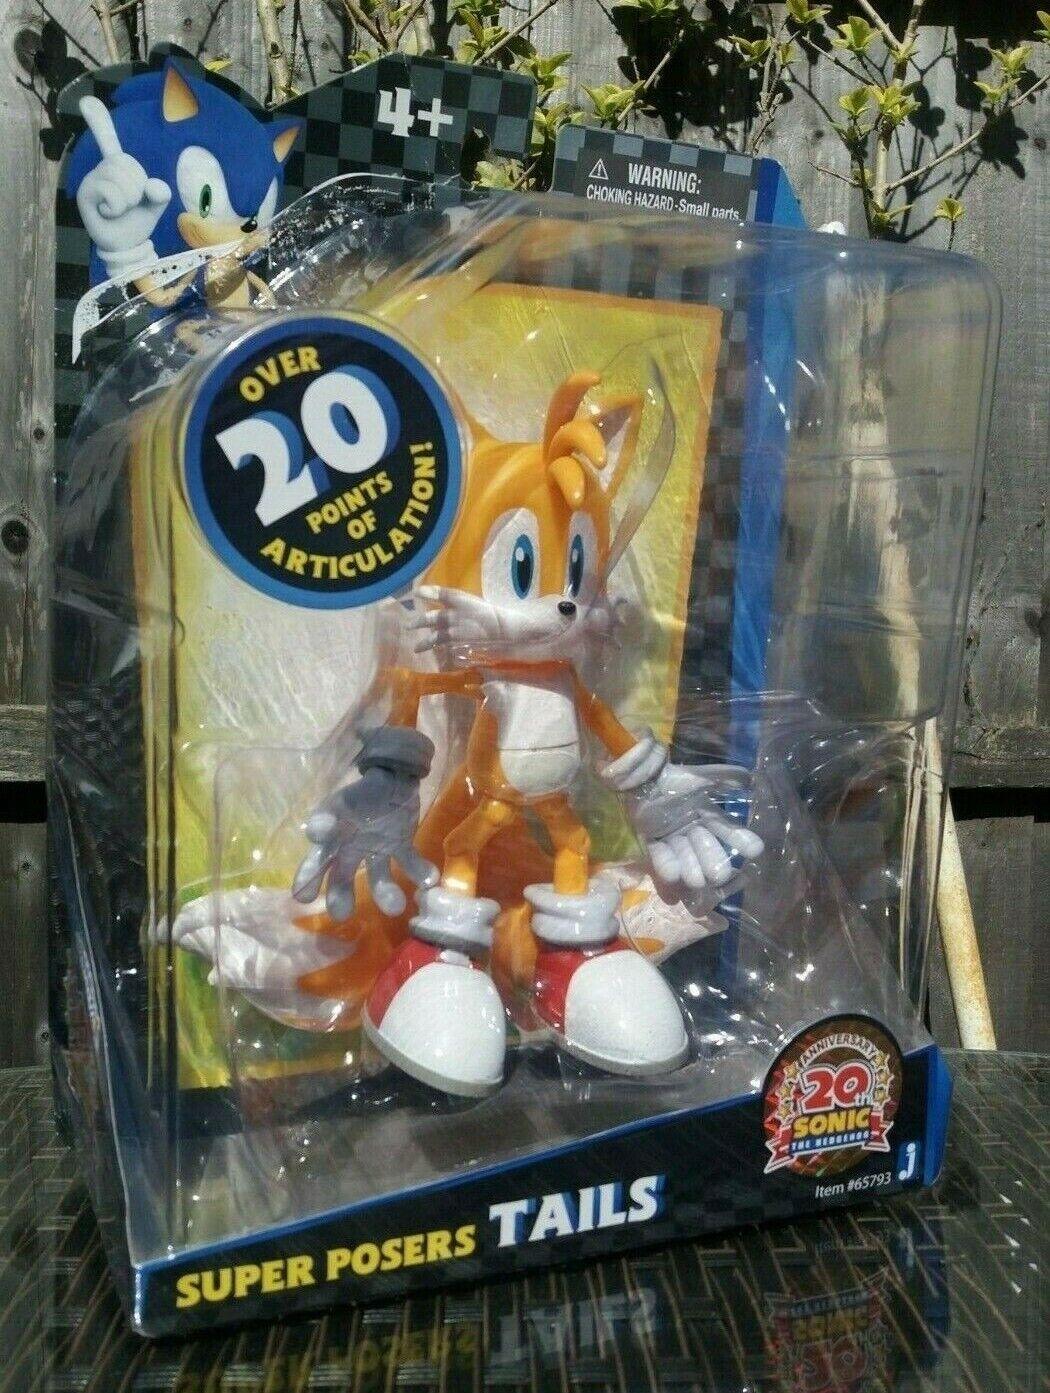 Tails Sonic el Erizo 20TH aniversario 6  Super Poser Figura De Acción  nuevo